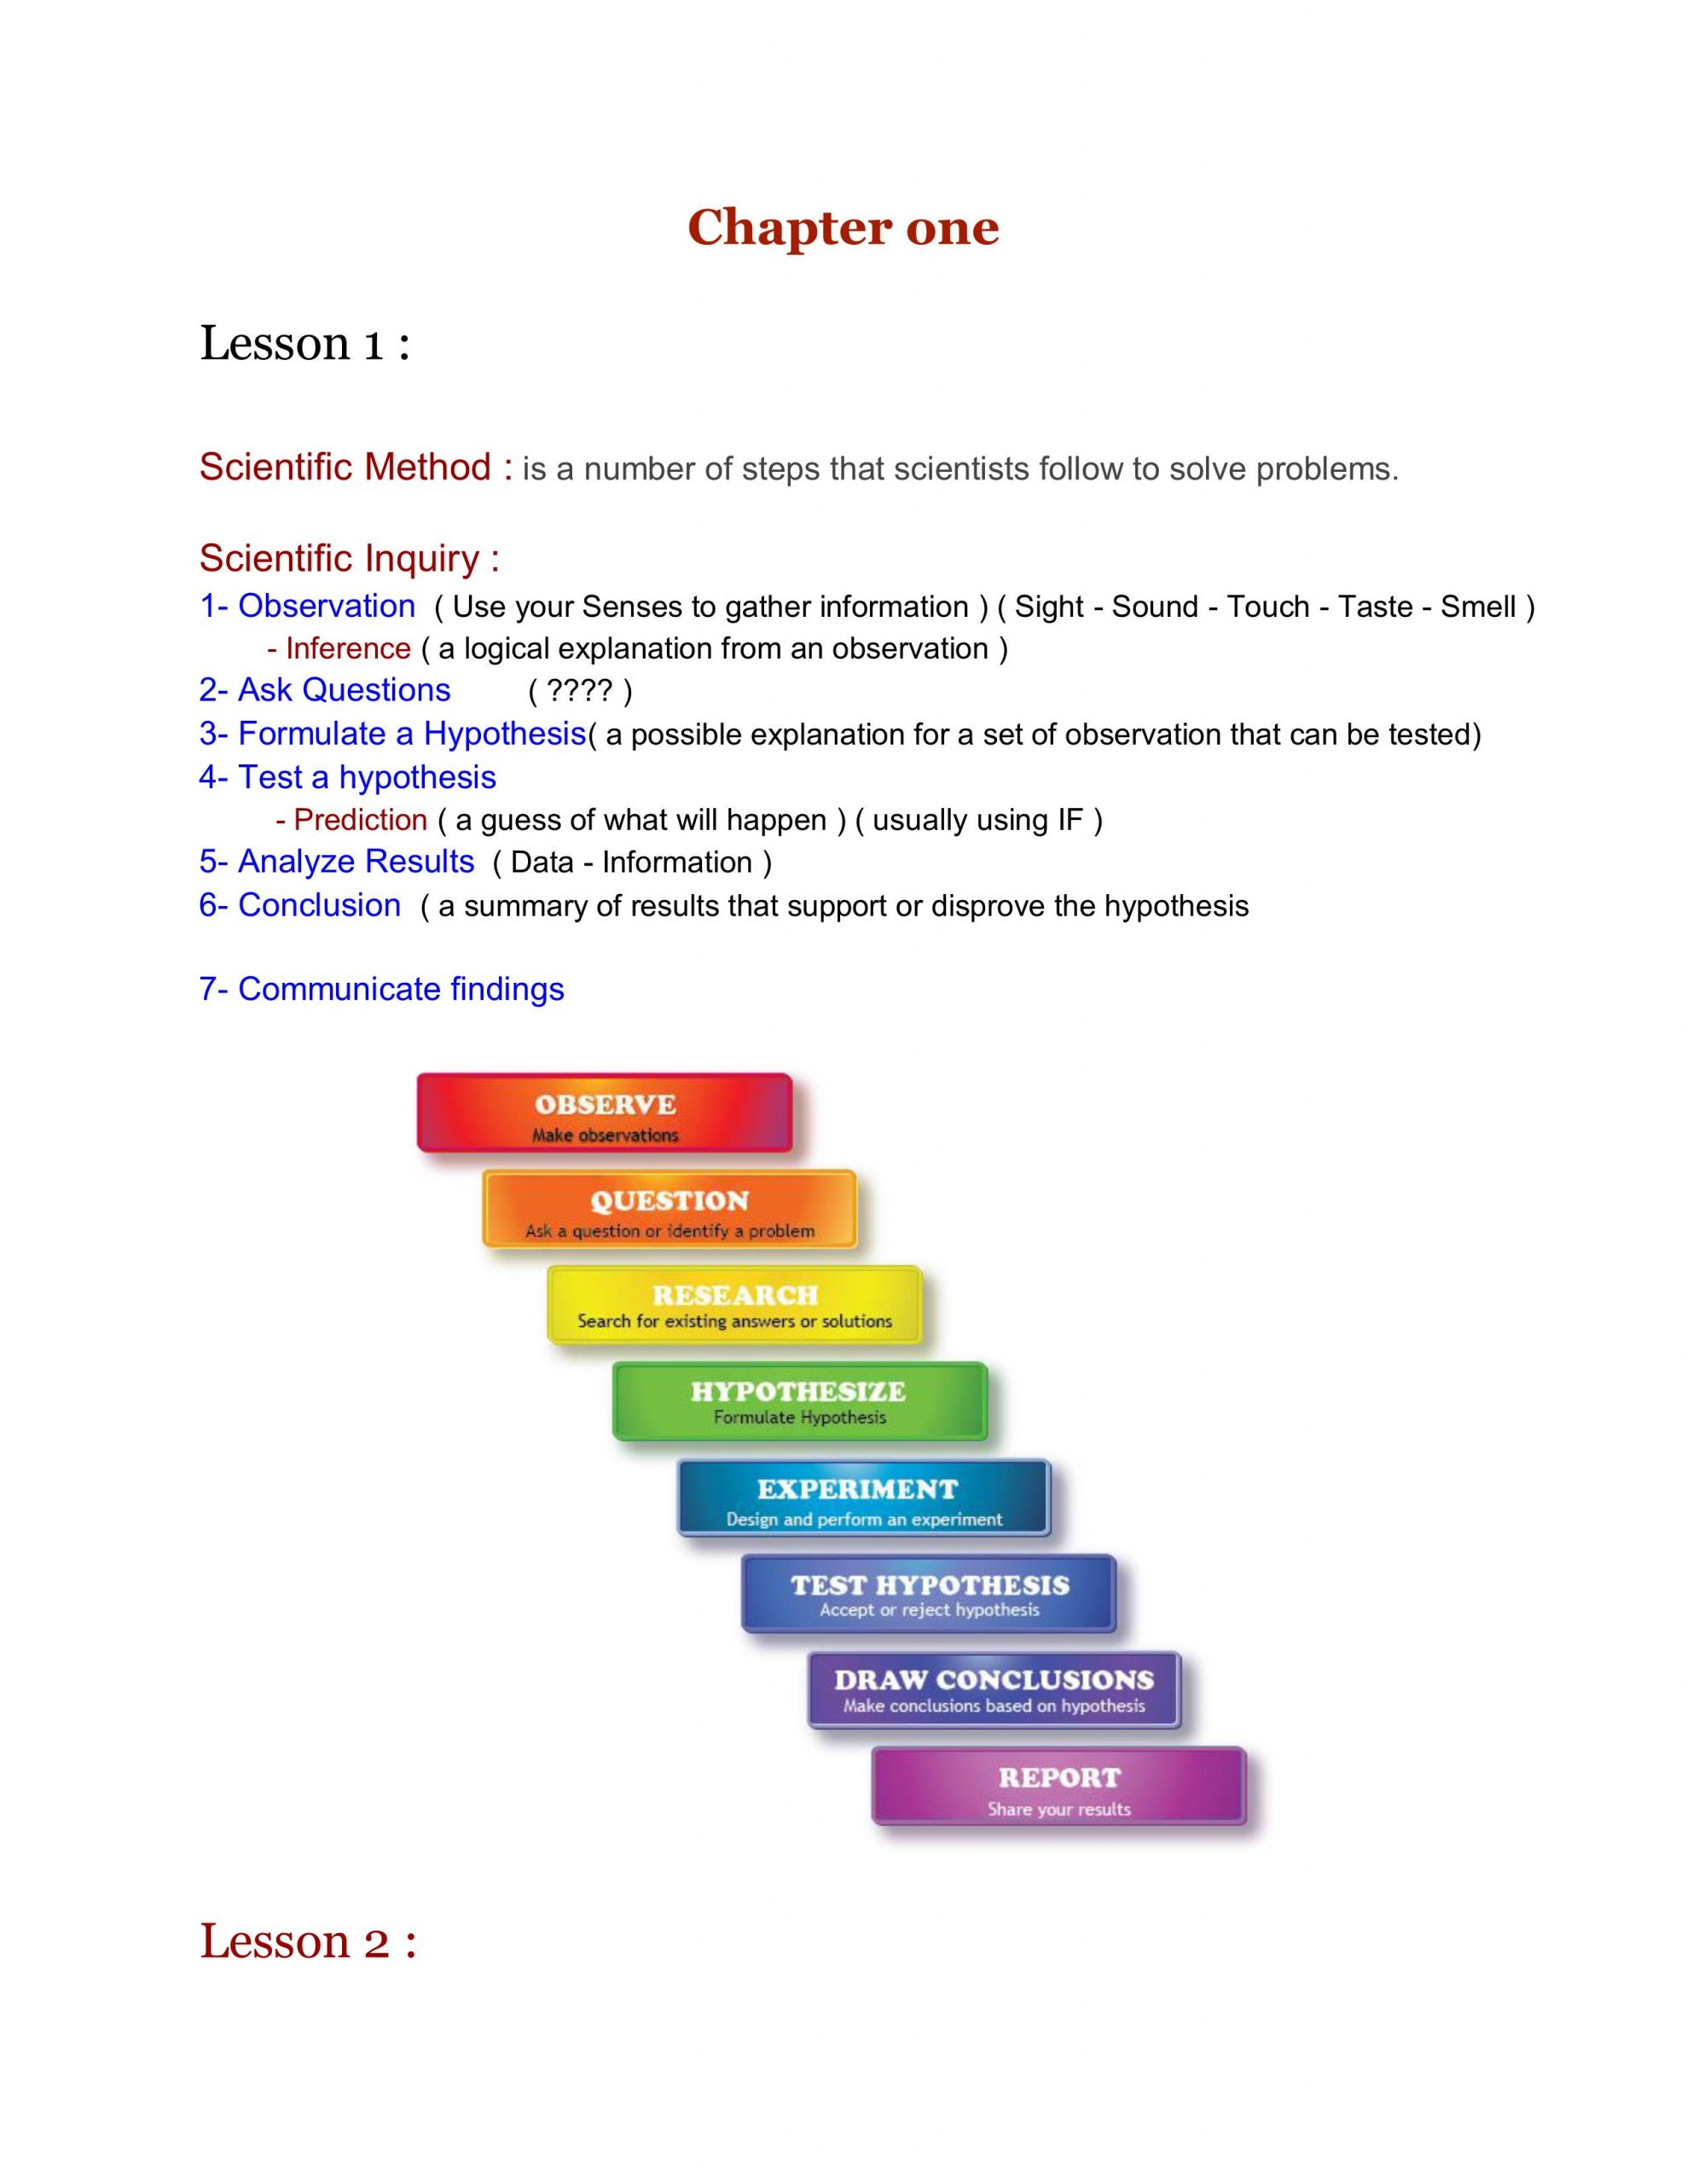 ملخص الوحدة الاولى Chapter one بالانجليزي الصف السادس مادة العلوم المتكاملة